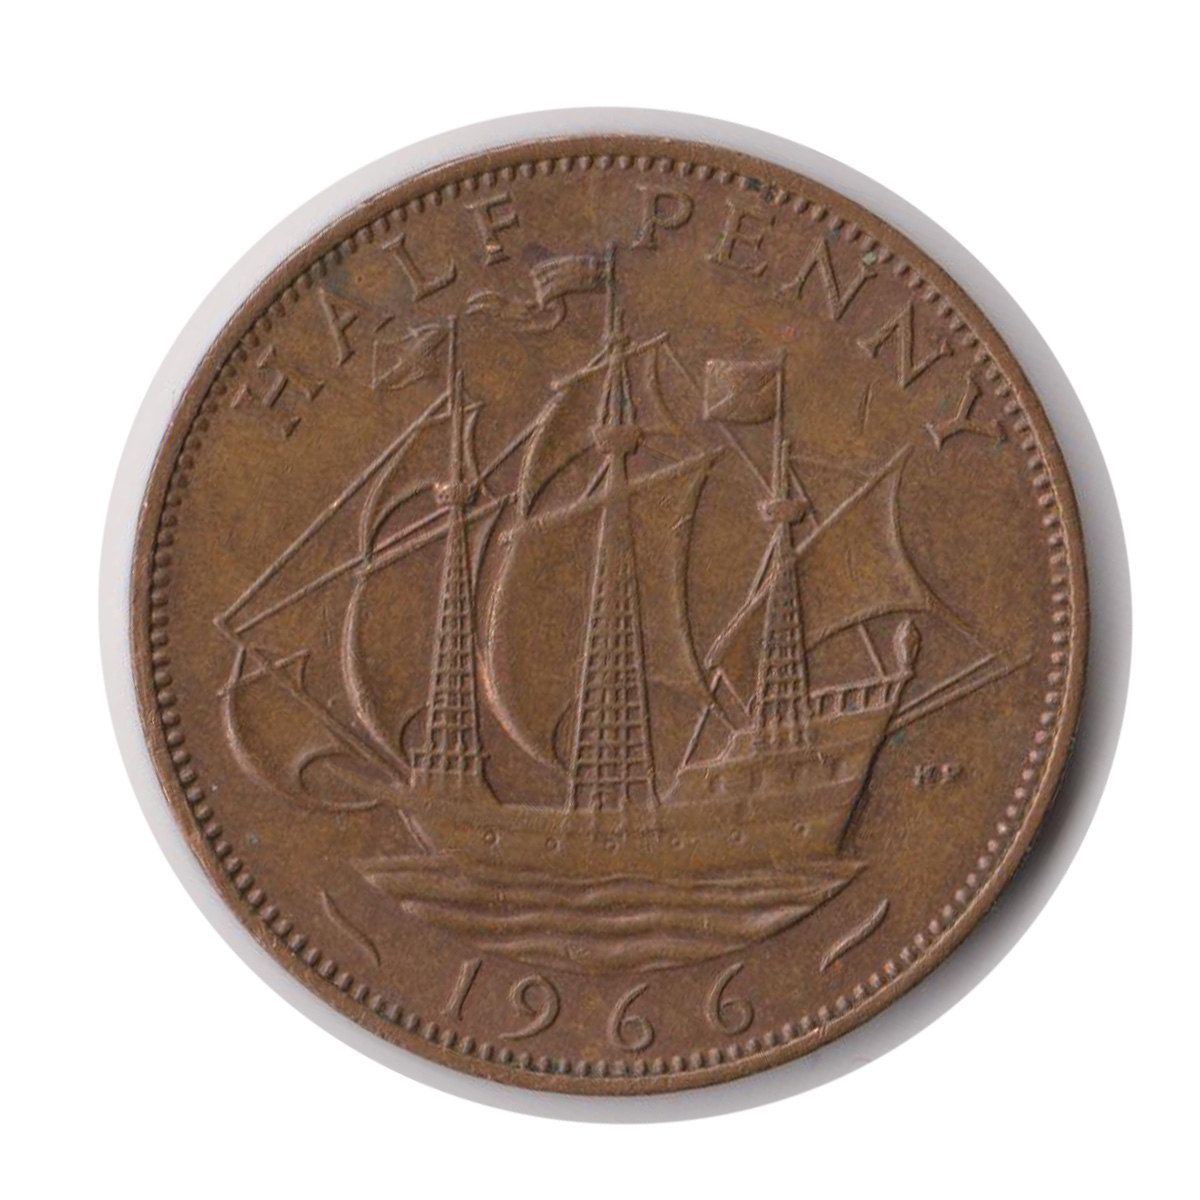 Elizabeth ii half penny 1966 coin codejmc1827 in 2020